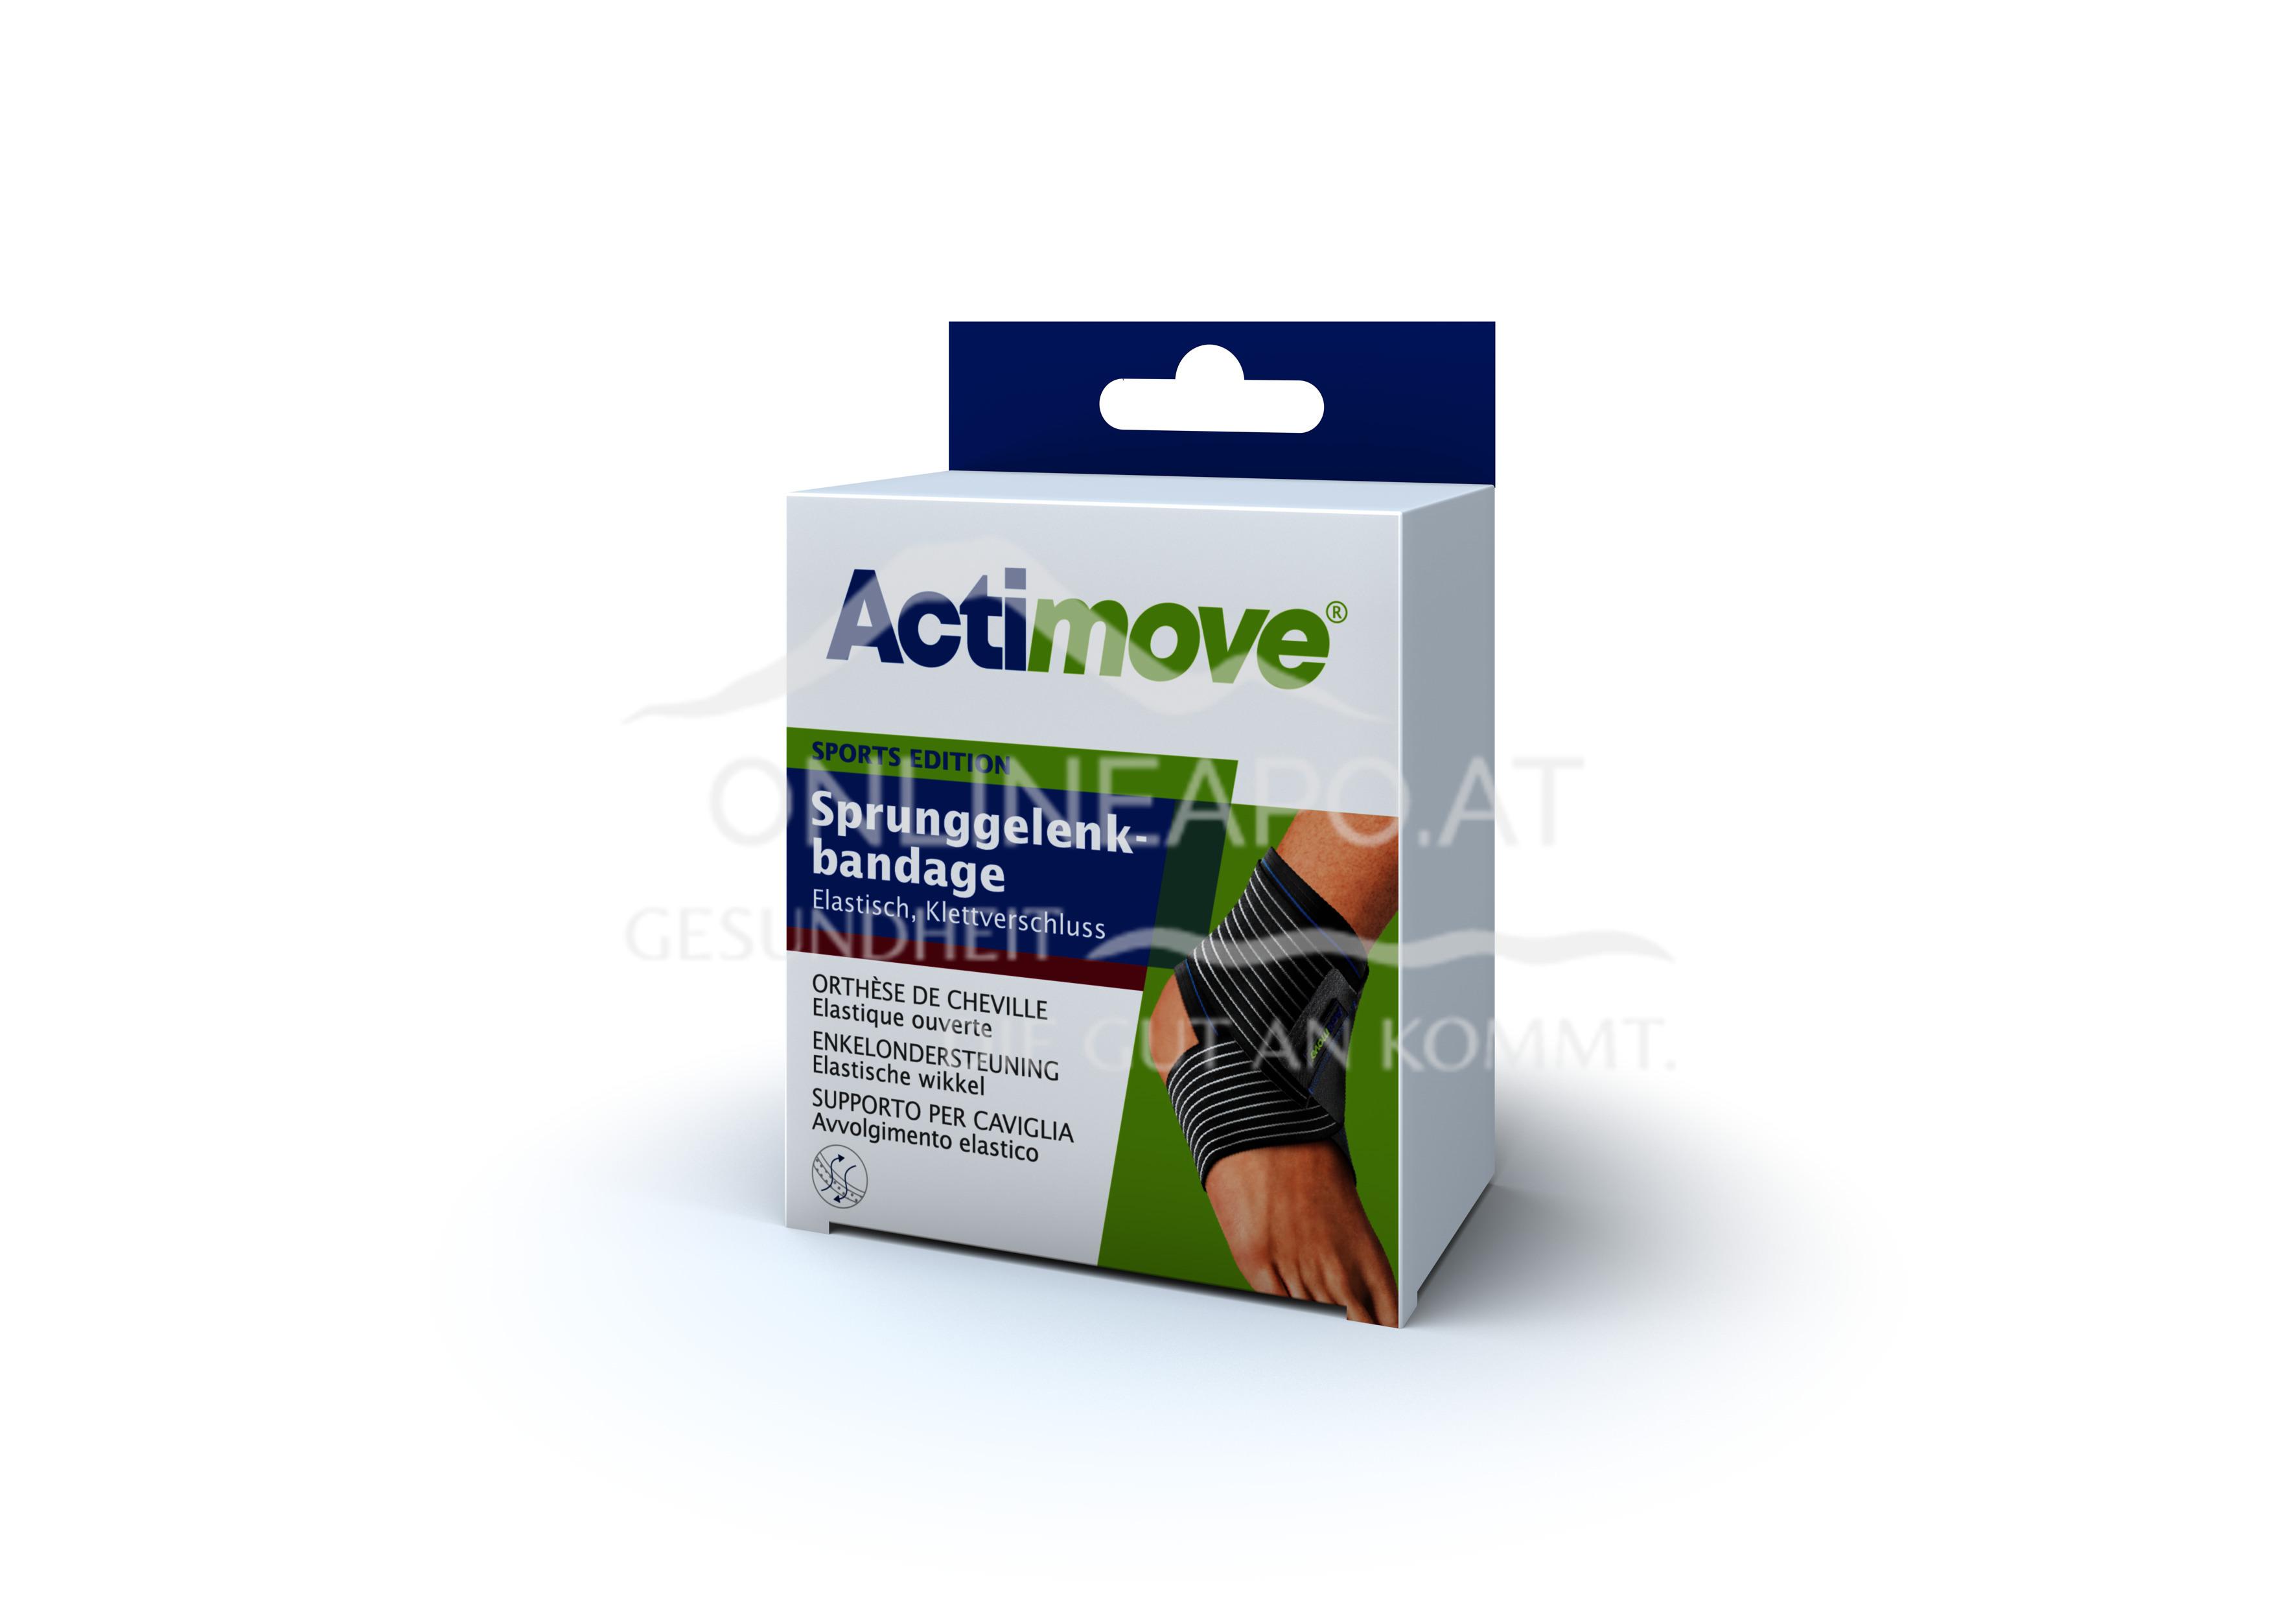 Actimove® Sport Edition Sprunggelenkbandage Elastisch, Klettverschluss Größe L